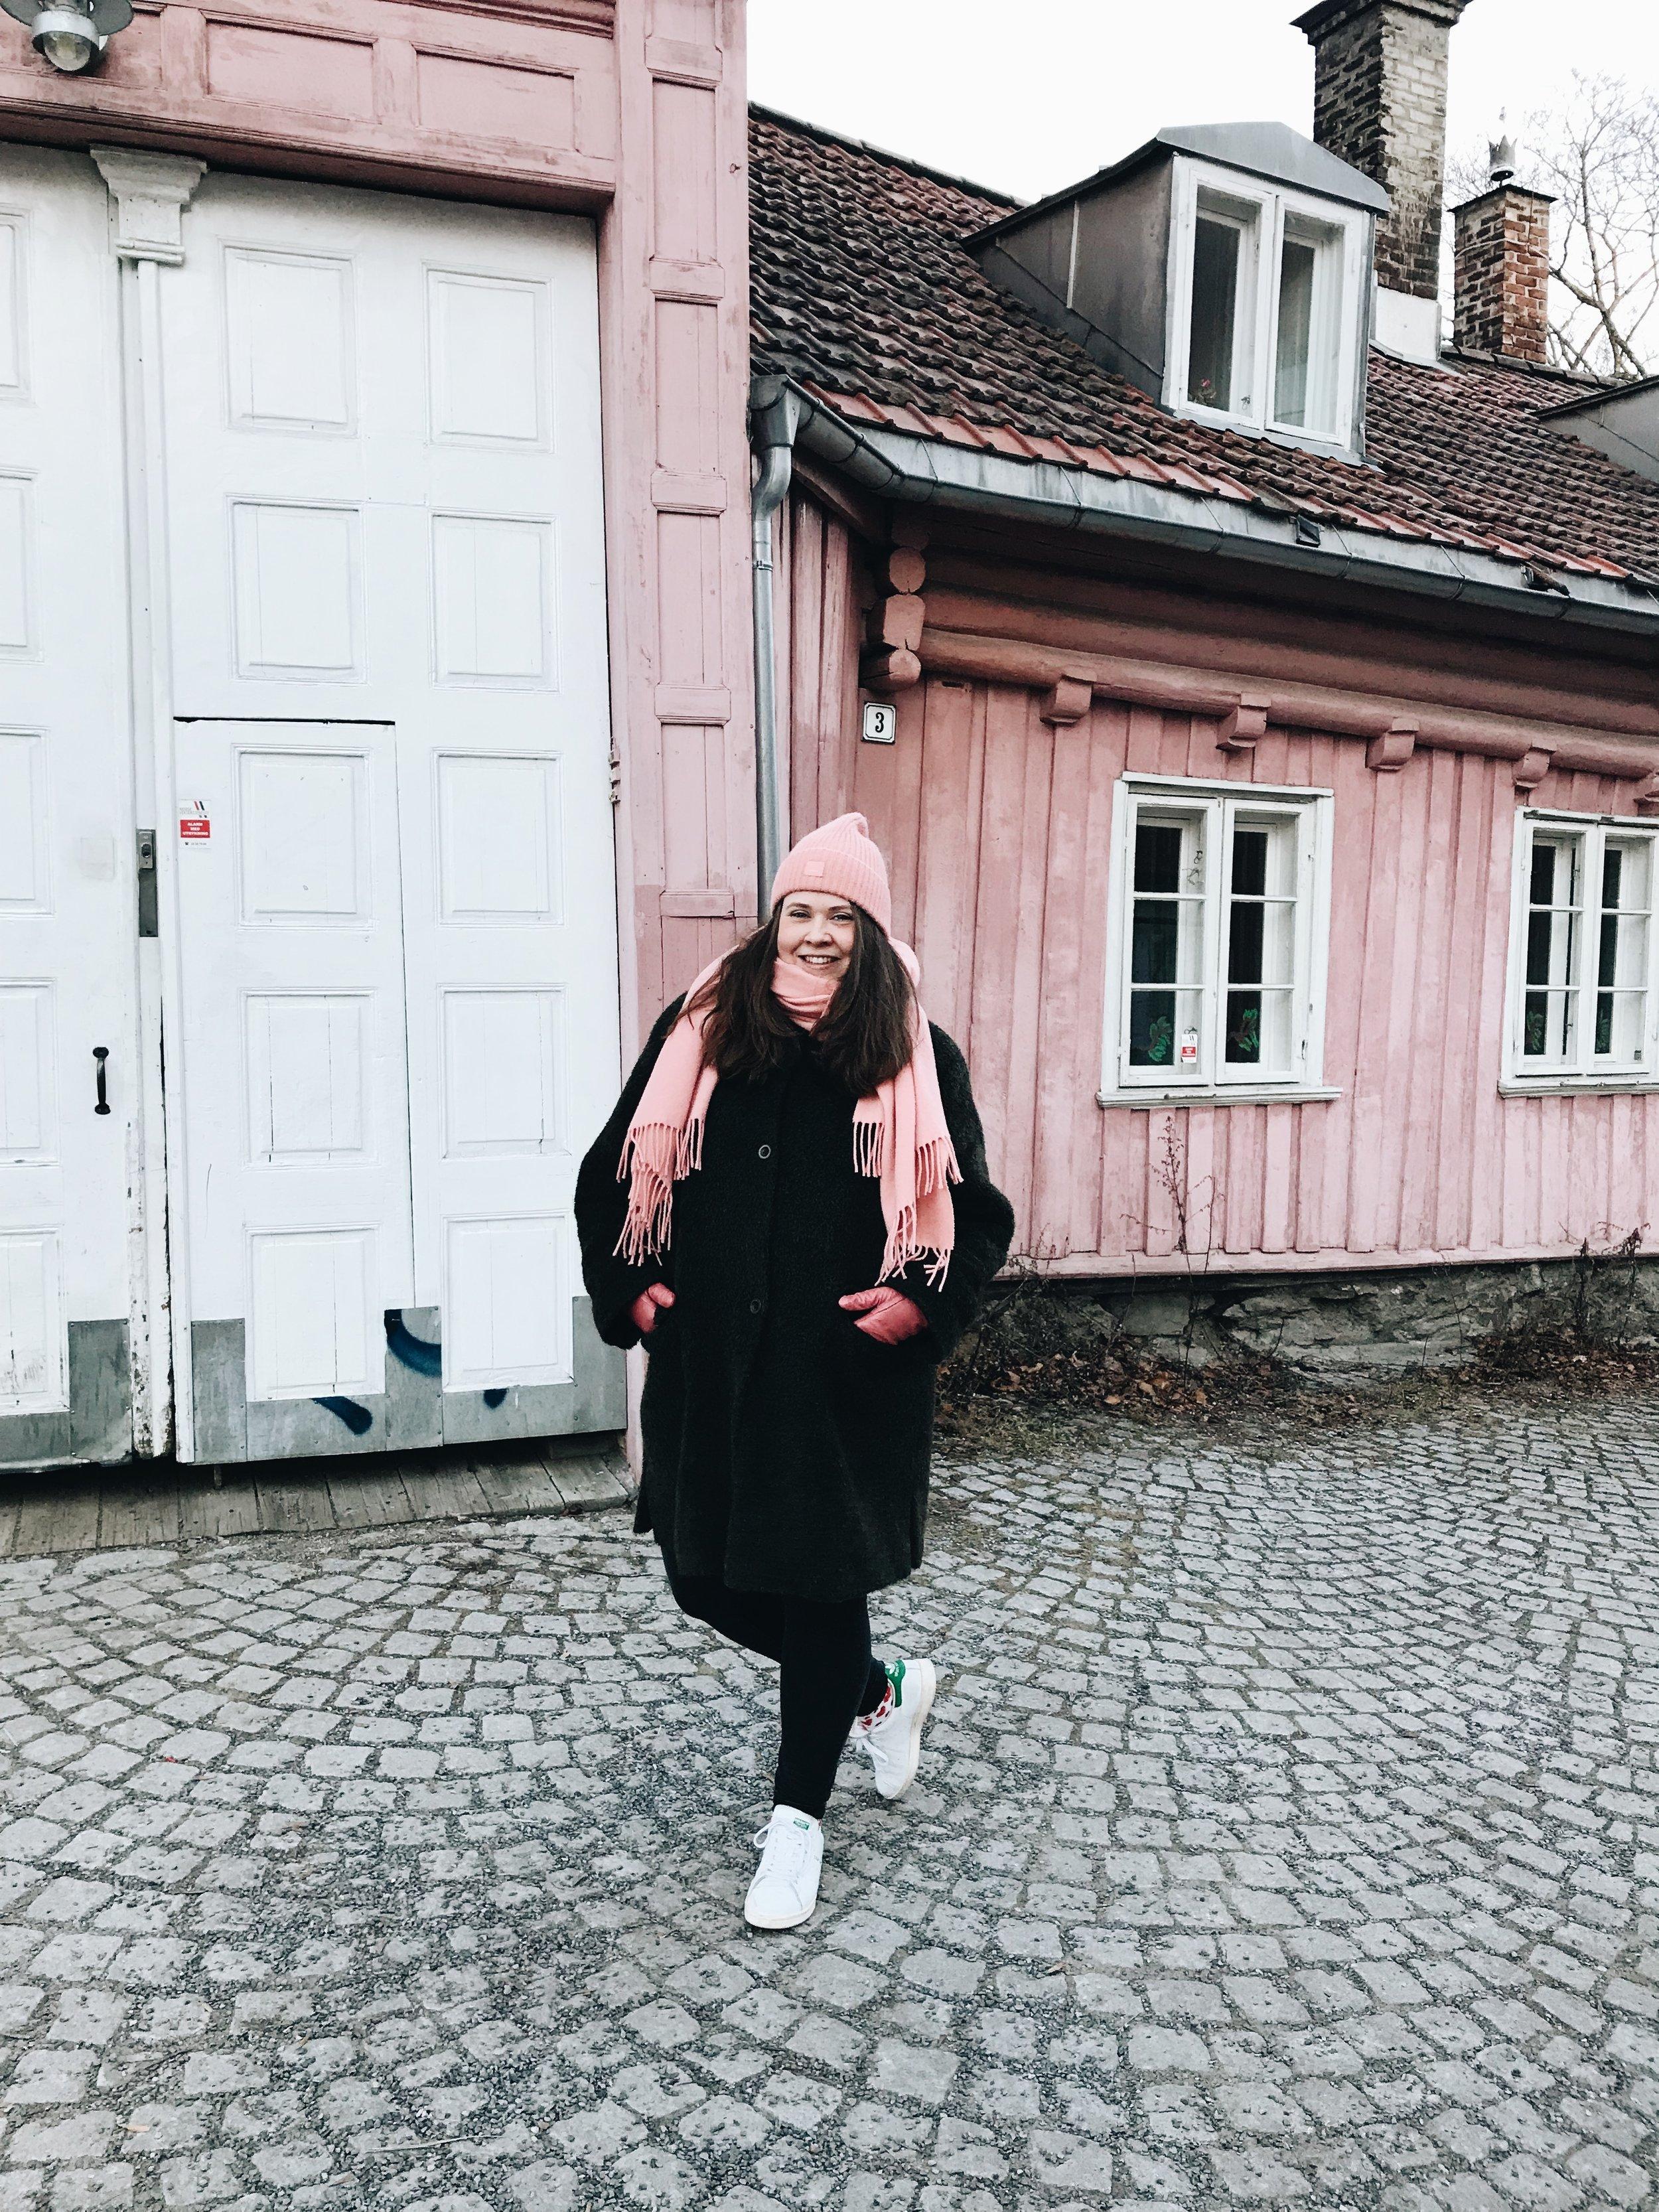 Citytrip Oslo: Julebord Season meets Nobel Peace Prize